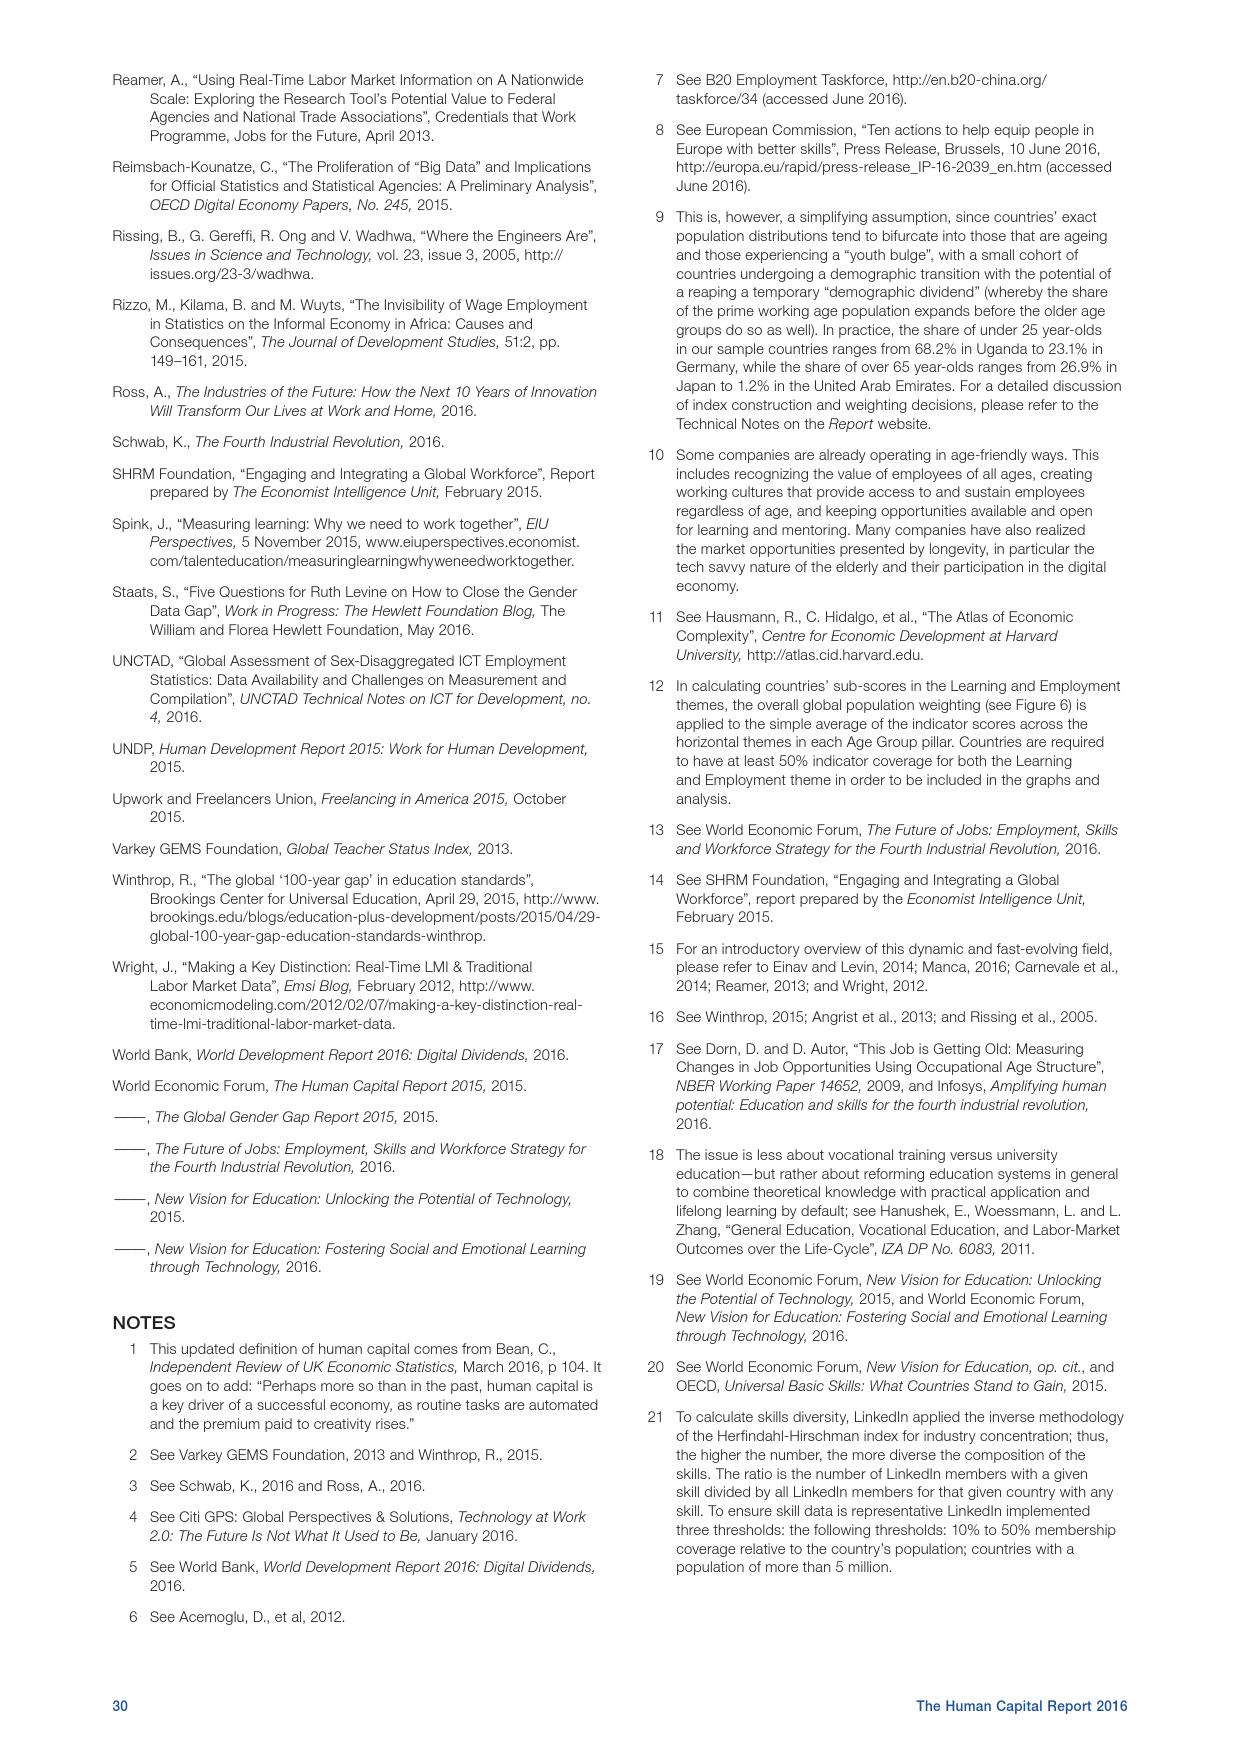 2016全球人力资本报告_000038